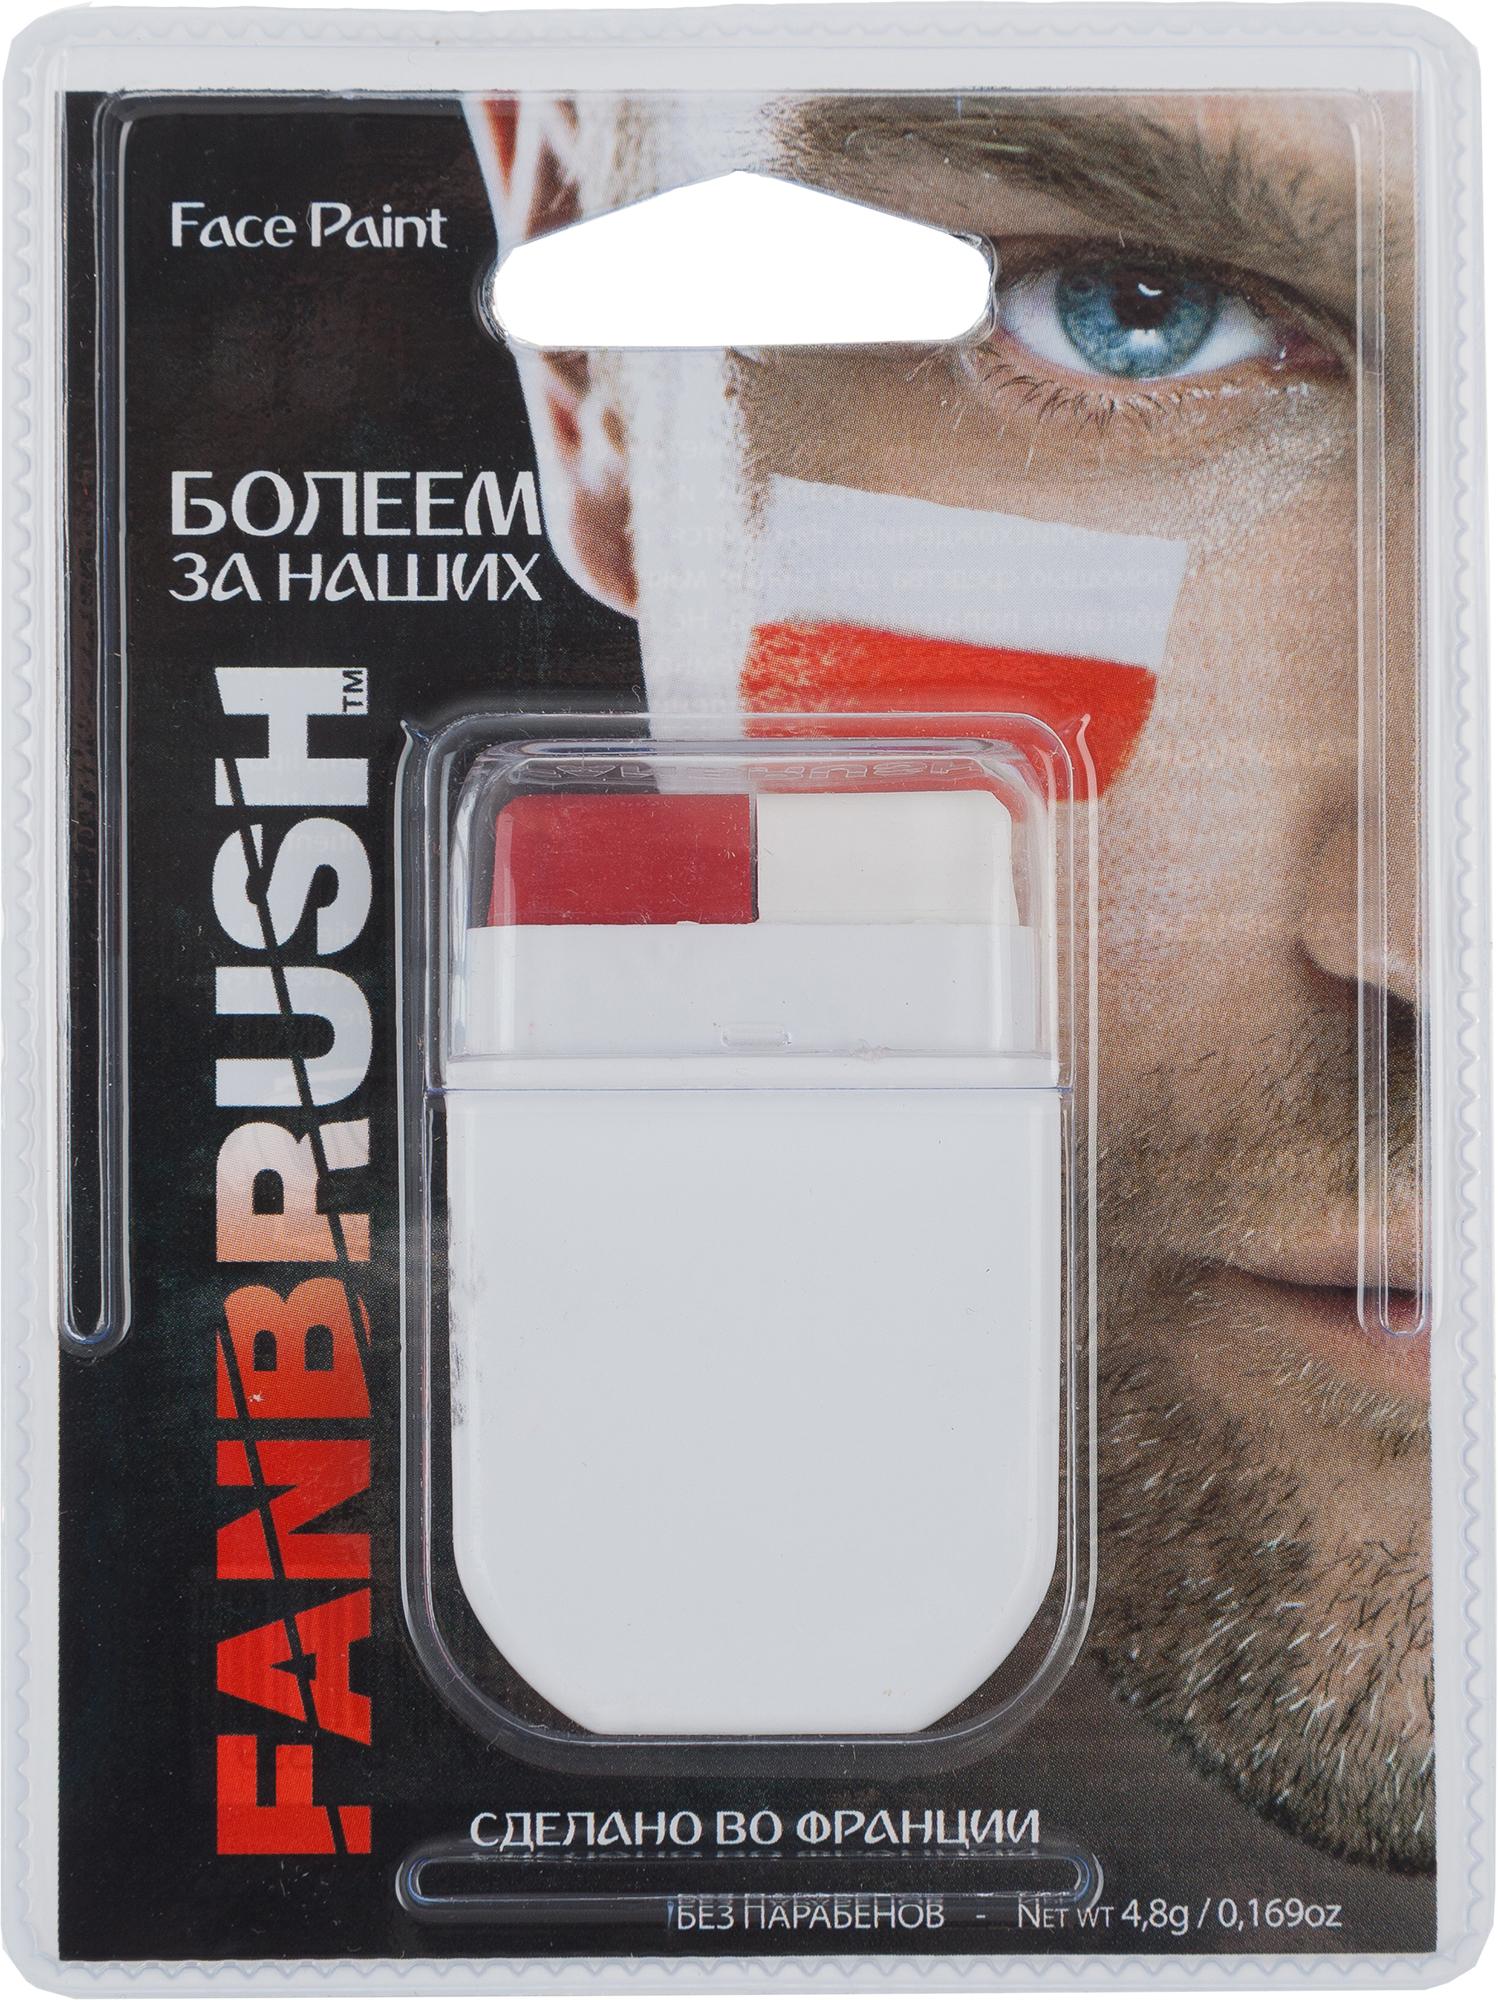 Fanbrush Аквагрим для болельщиков Fanbrush, 2 цвета